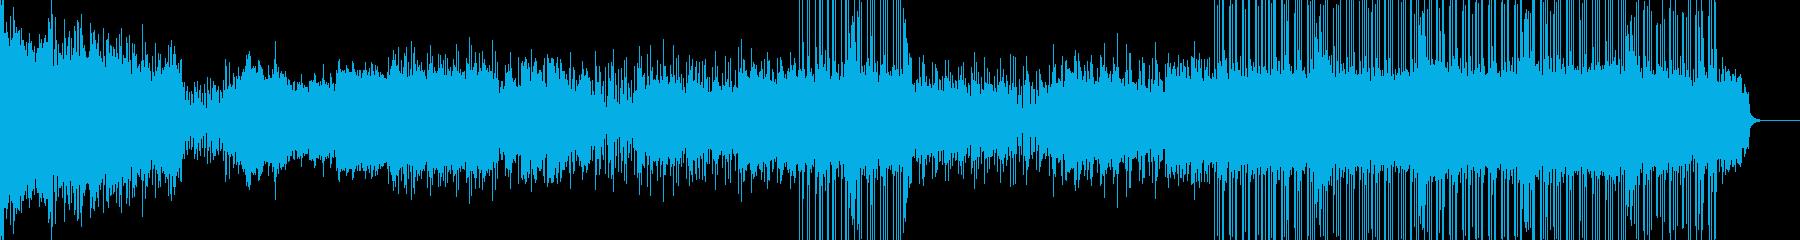 和をイメージしたストリングスバラードの再生済みの波形